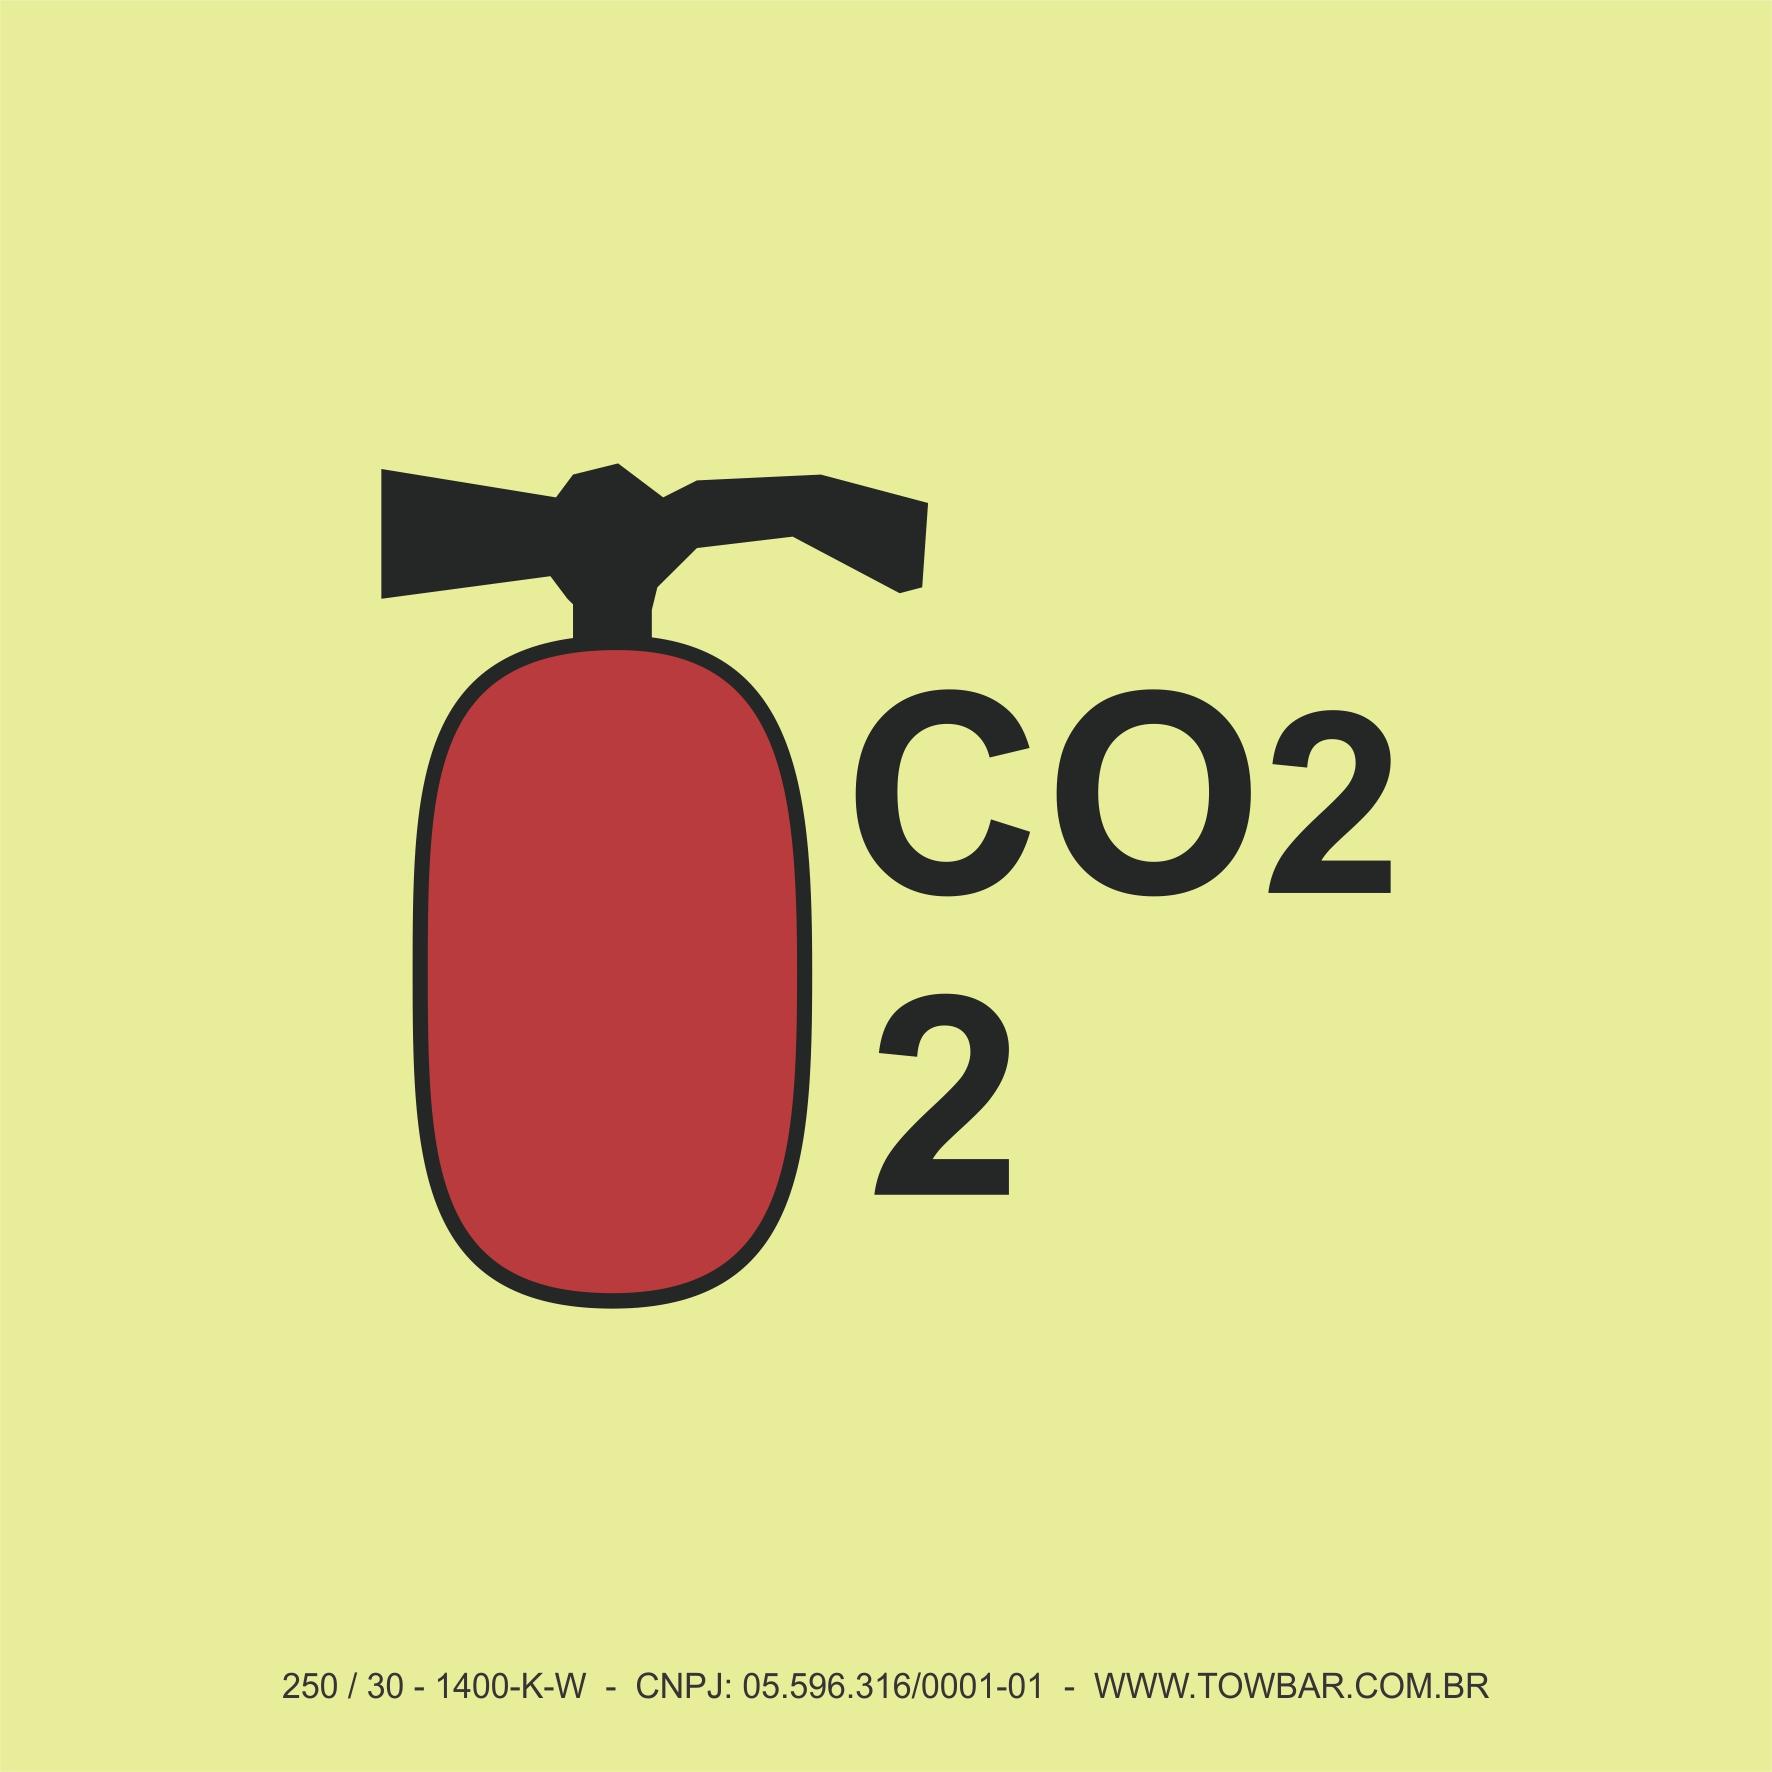 Co2 Fire Extinguisher 2   - Towbar Sinalização de Segurança